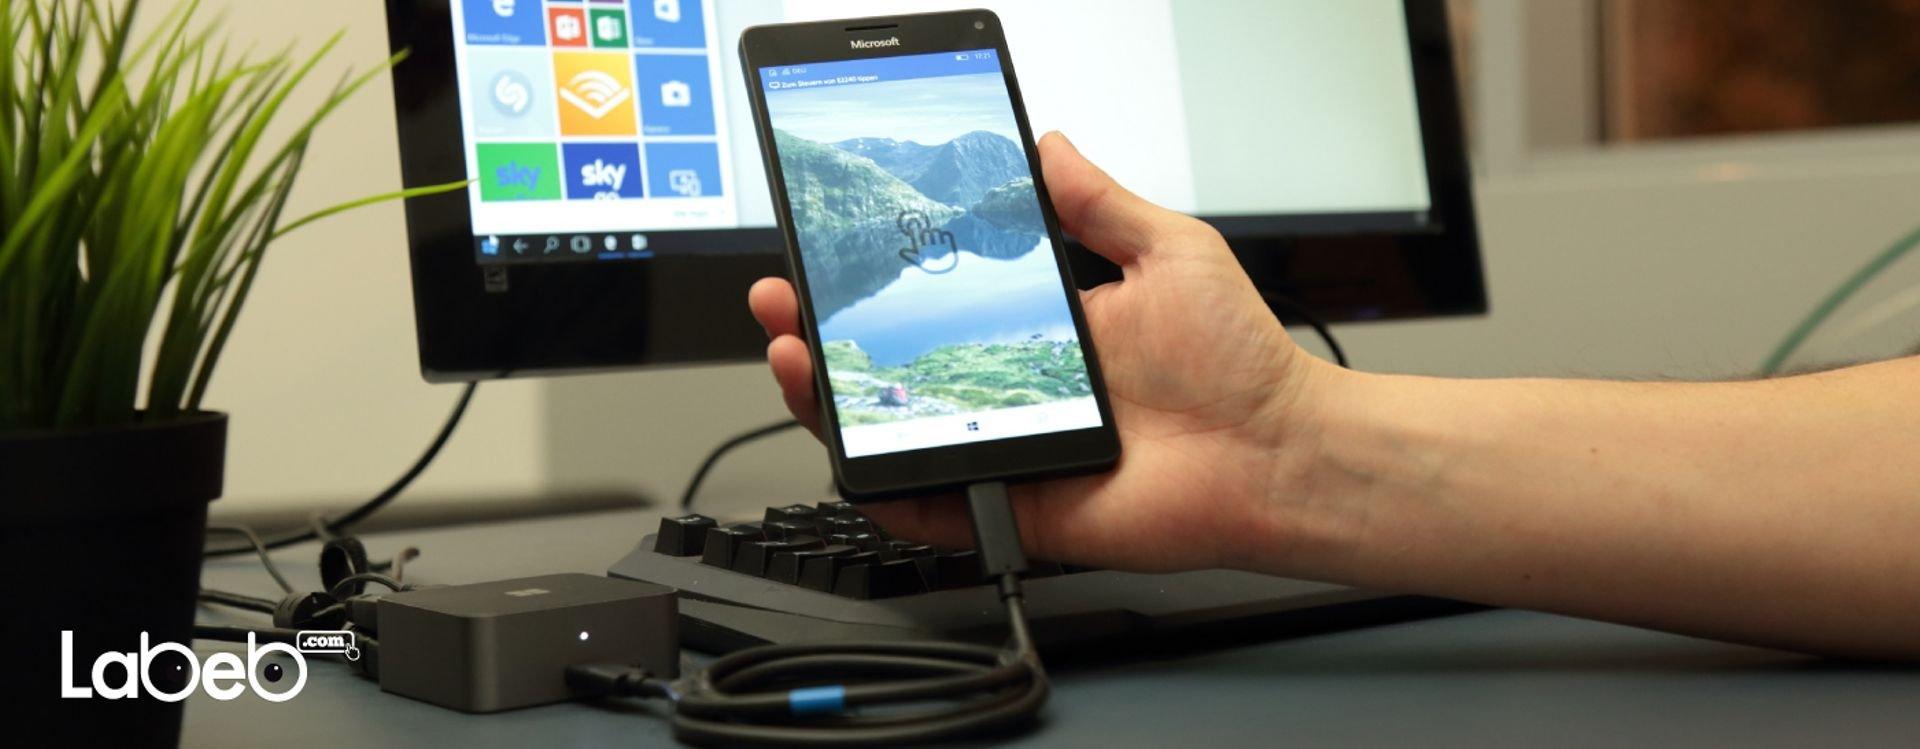 تتميّز هواتف مايكروسوفت لوميا 950 إكس إل بشاشاتها الكبيرة، والتي يبلغ قياسها 5.7 بوصة